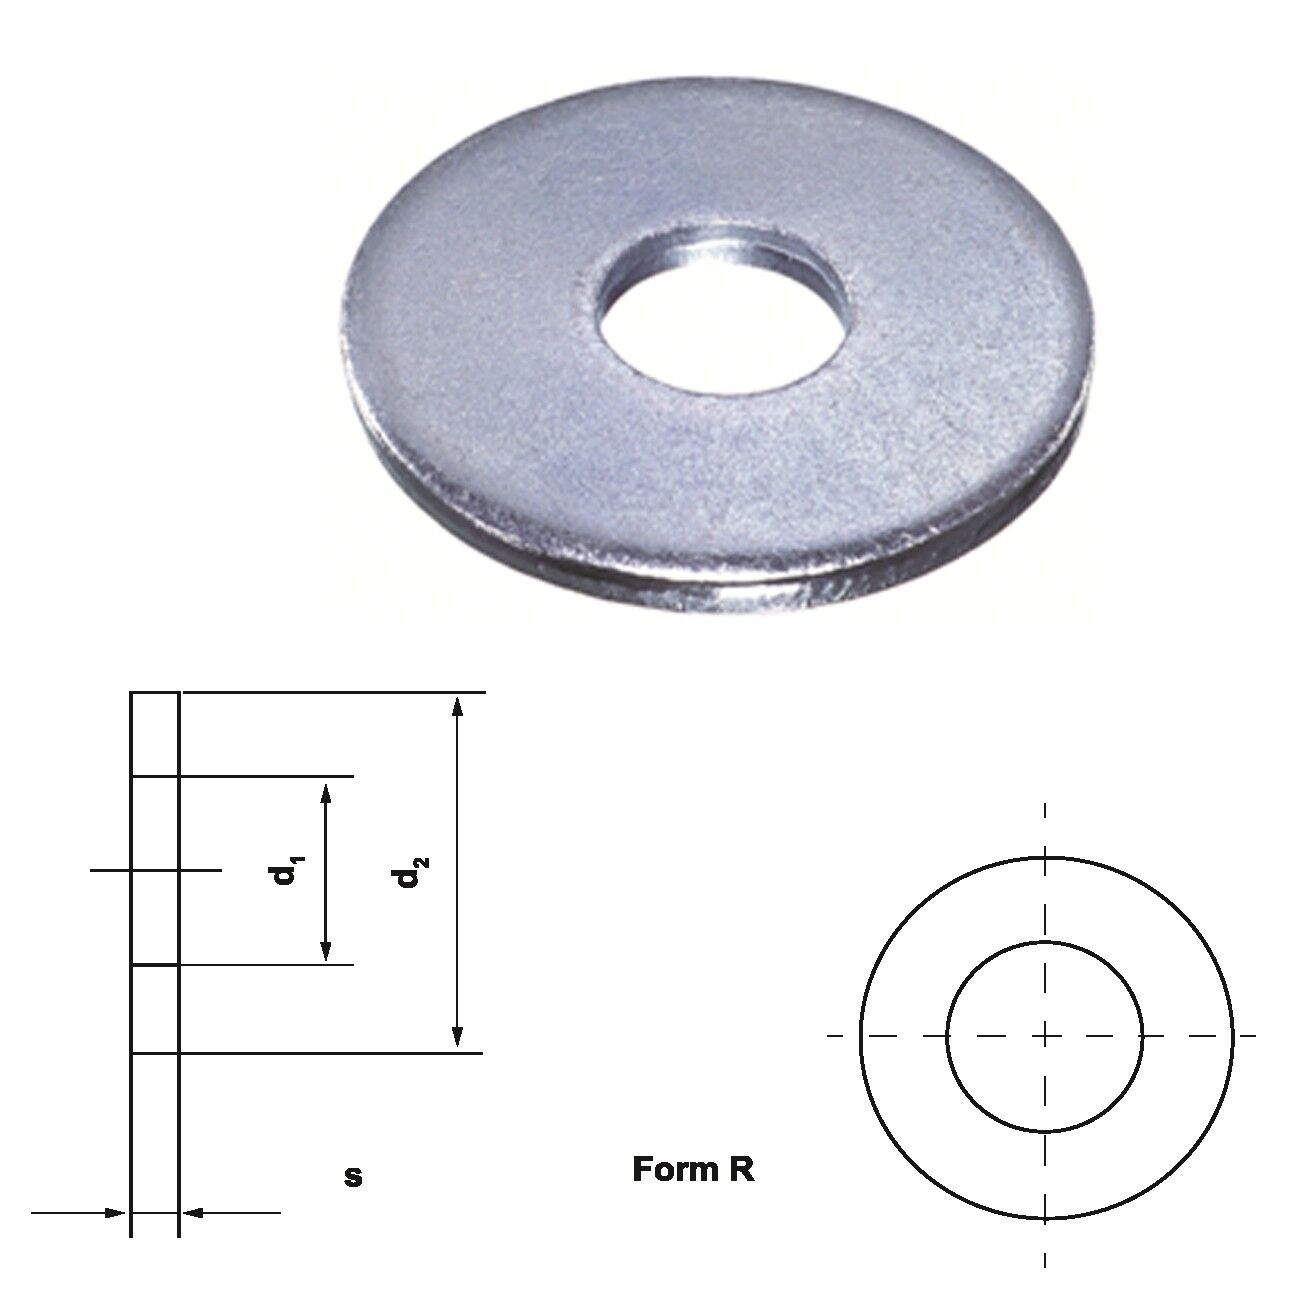 Unterleg Scheibe Form R DIN 440 verzinkt Ø 5.5 - 24.0 mm